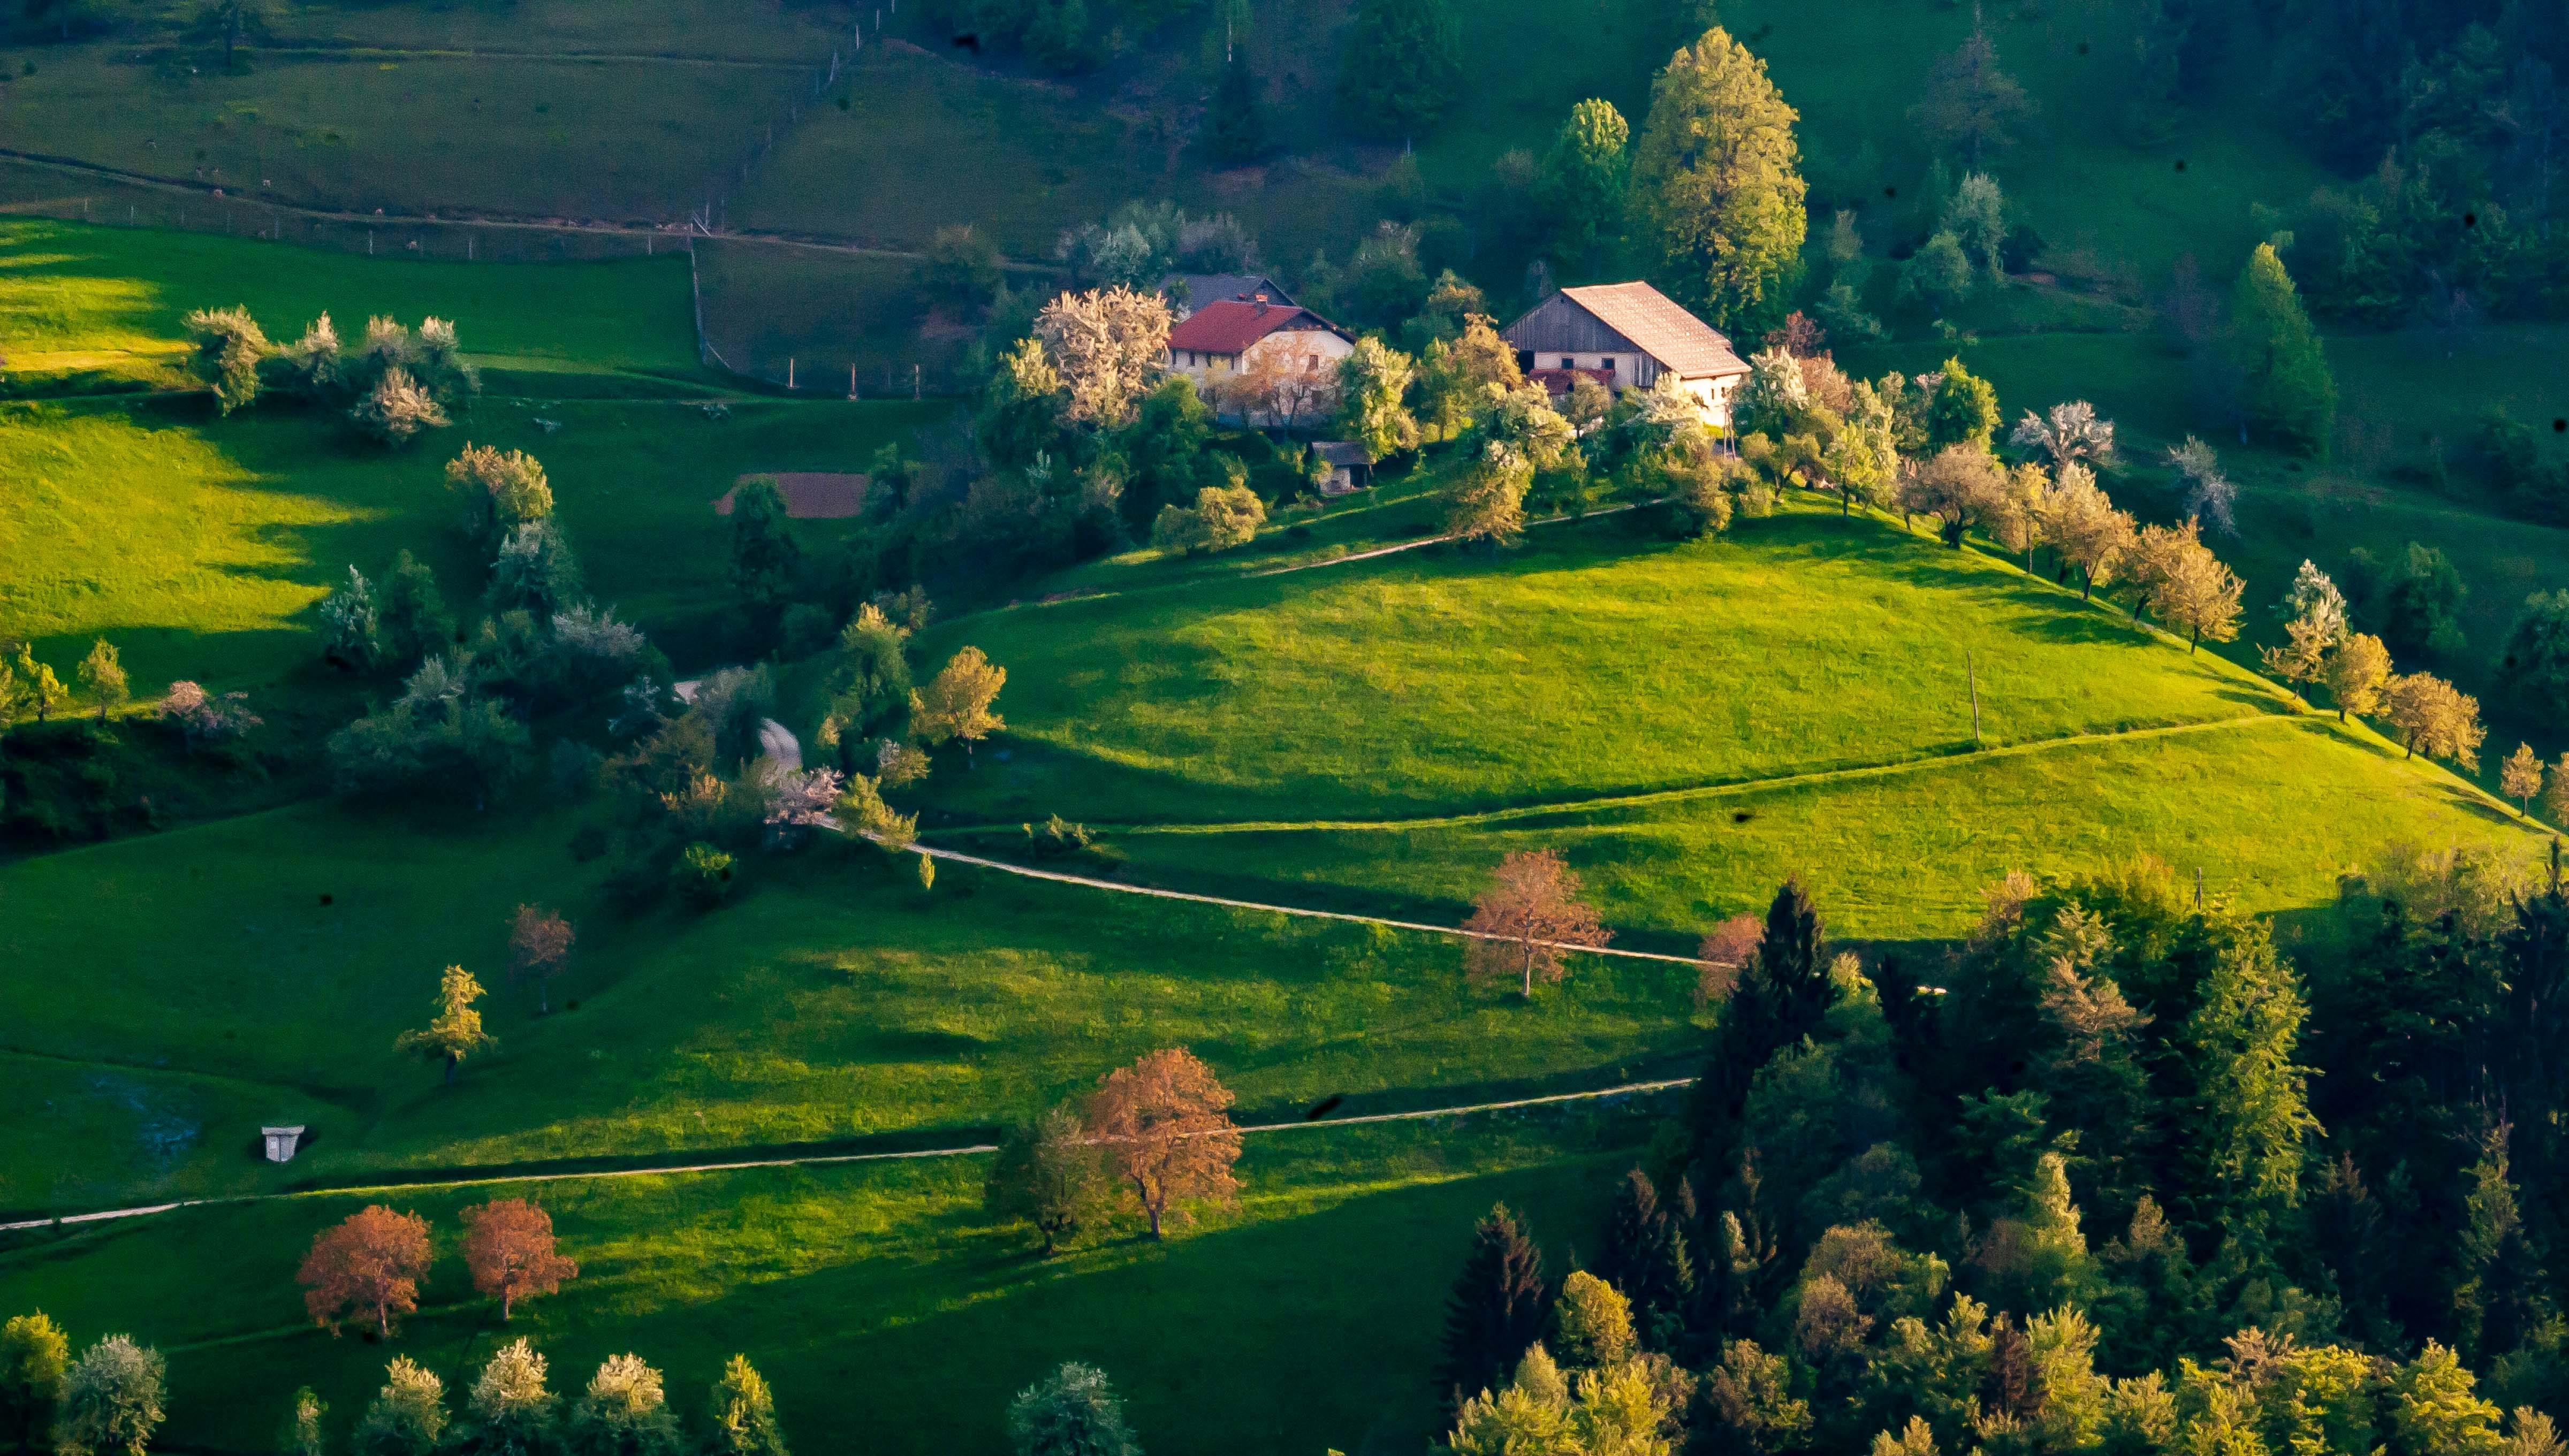 Slovenia, Dobrova-Polhov Gradec Prov, Mountain Village, 2006, IMG 5896